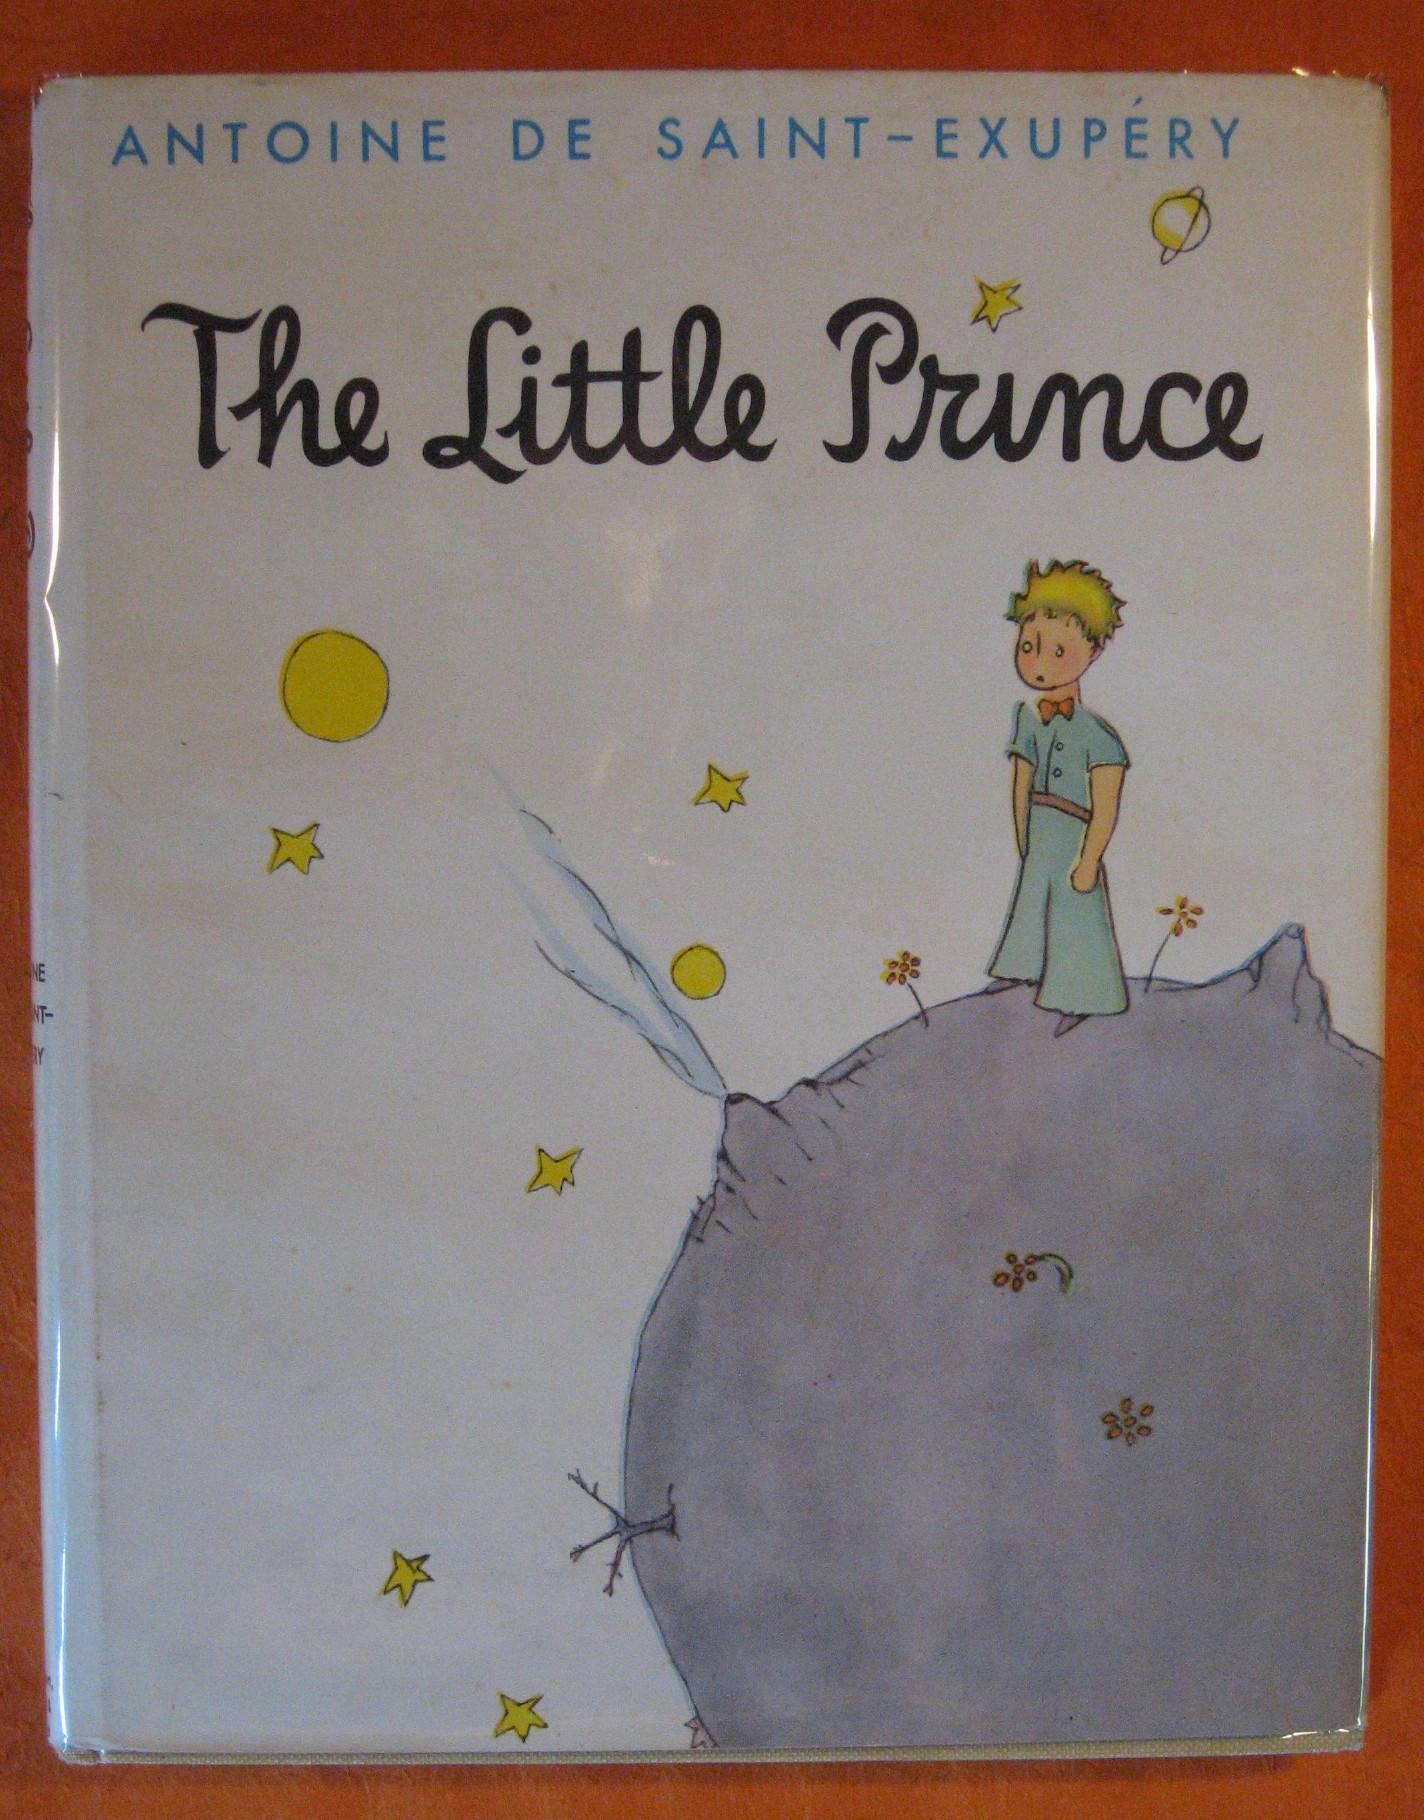 The Little Prince, de Saint-Exupéry, Antoine